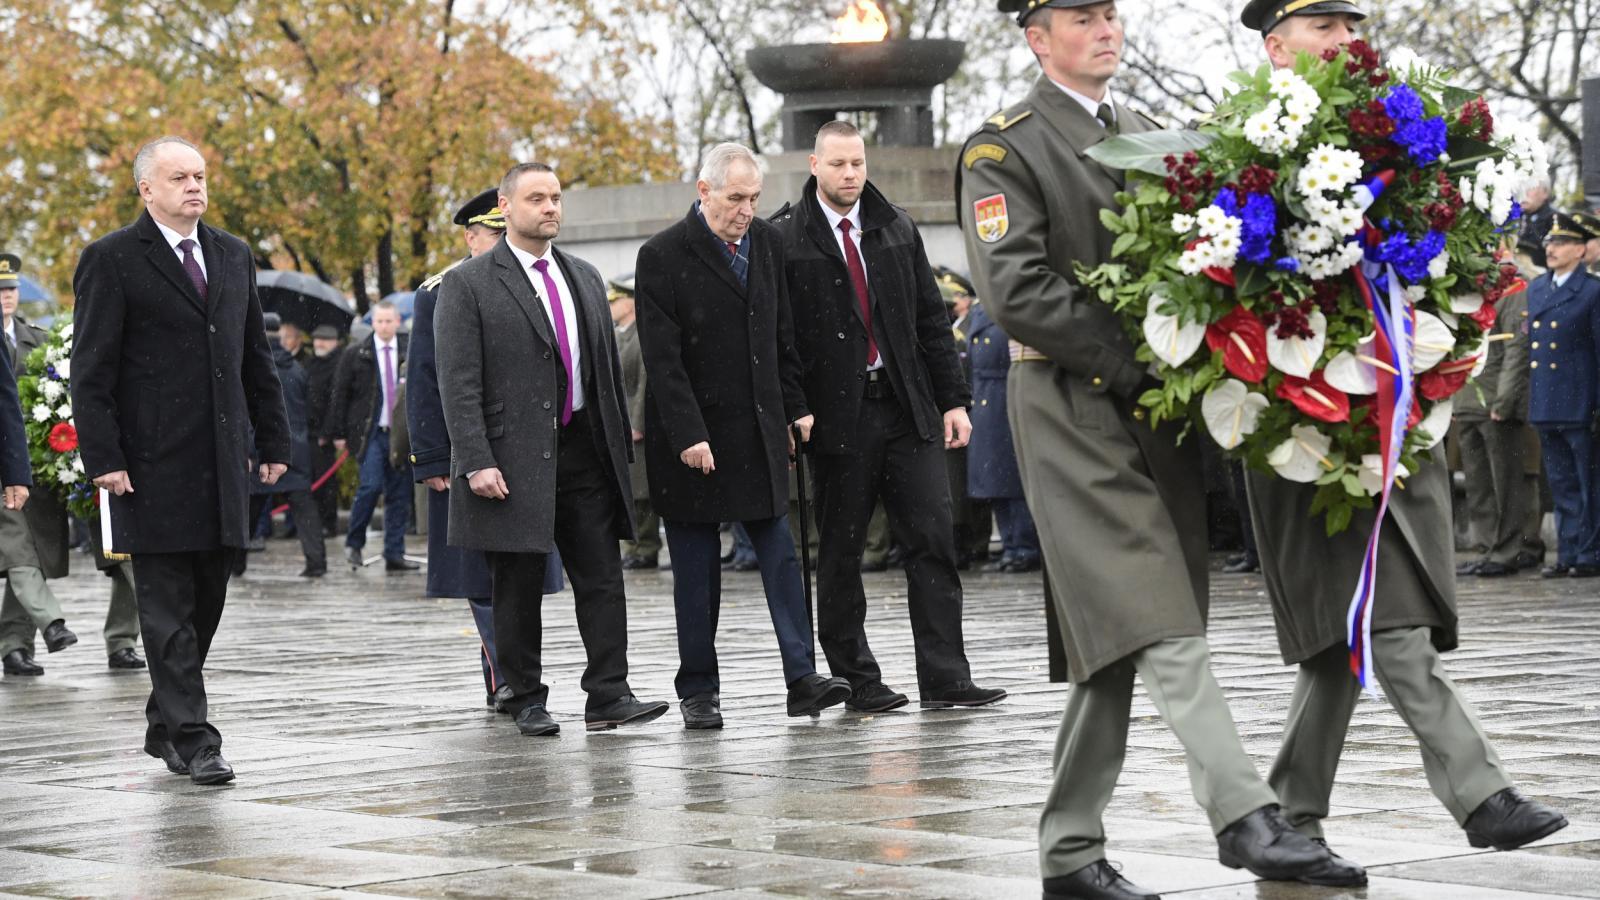 Prezident ČR Miloš Zeman (třetí zleva) a slovenský prezident Andrej Kiska (vlevo) při kladení věnců na pietním aktu